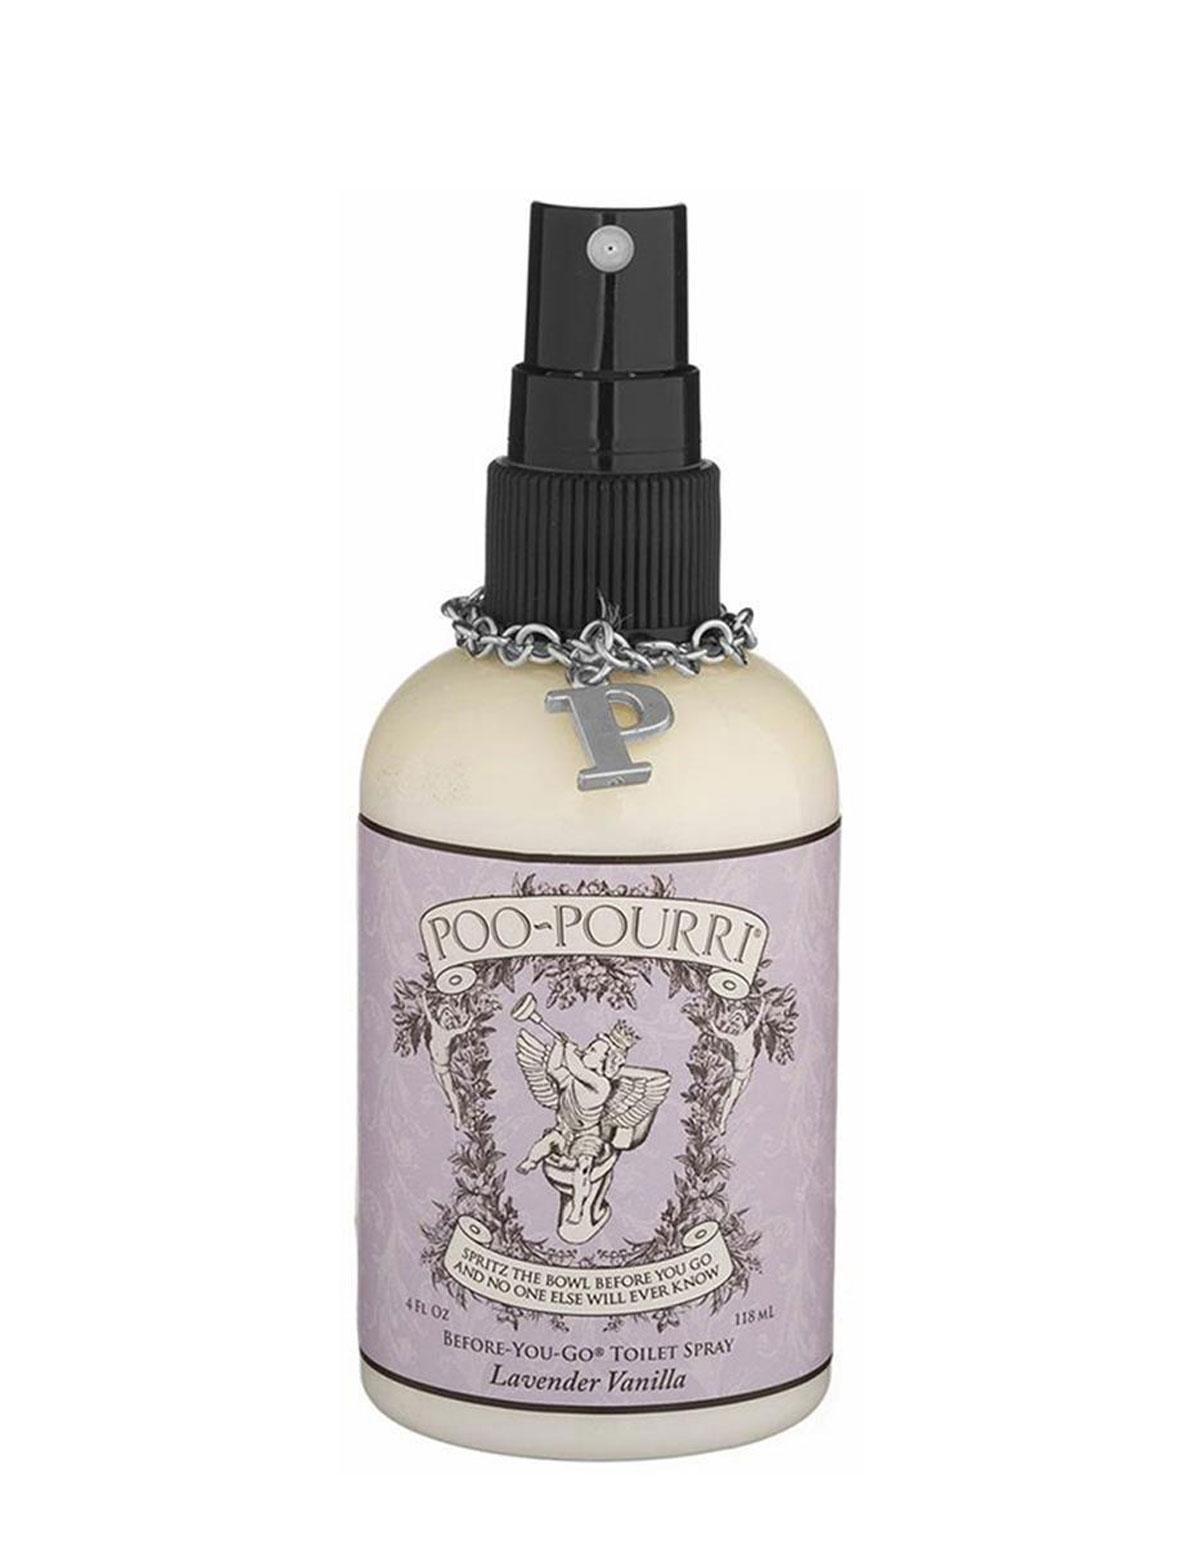 Poopourri 4Oz - Lavender Vanilla